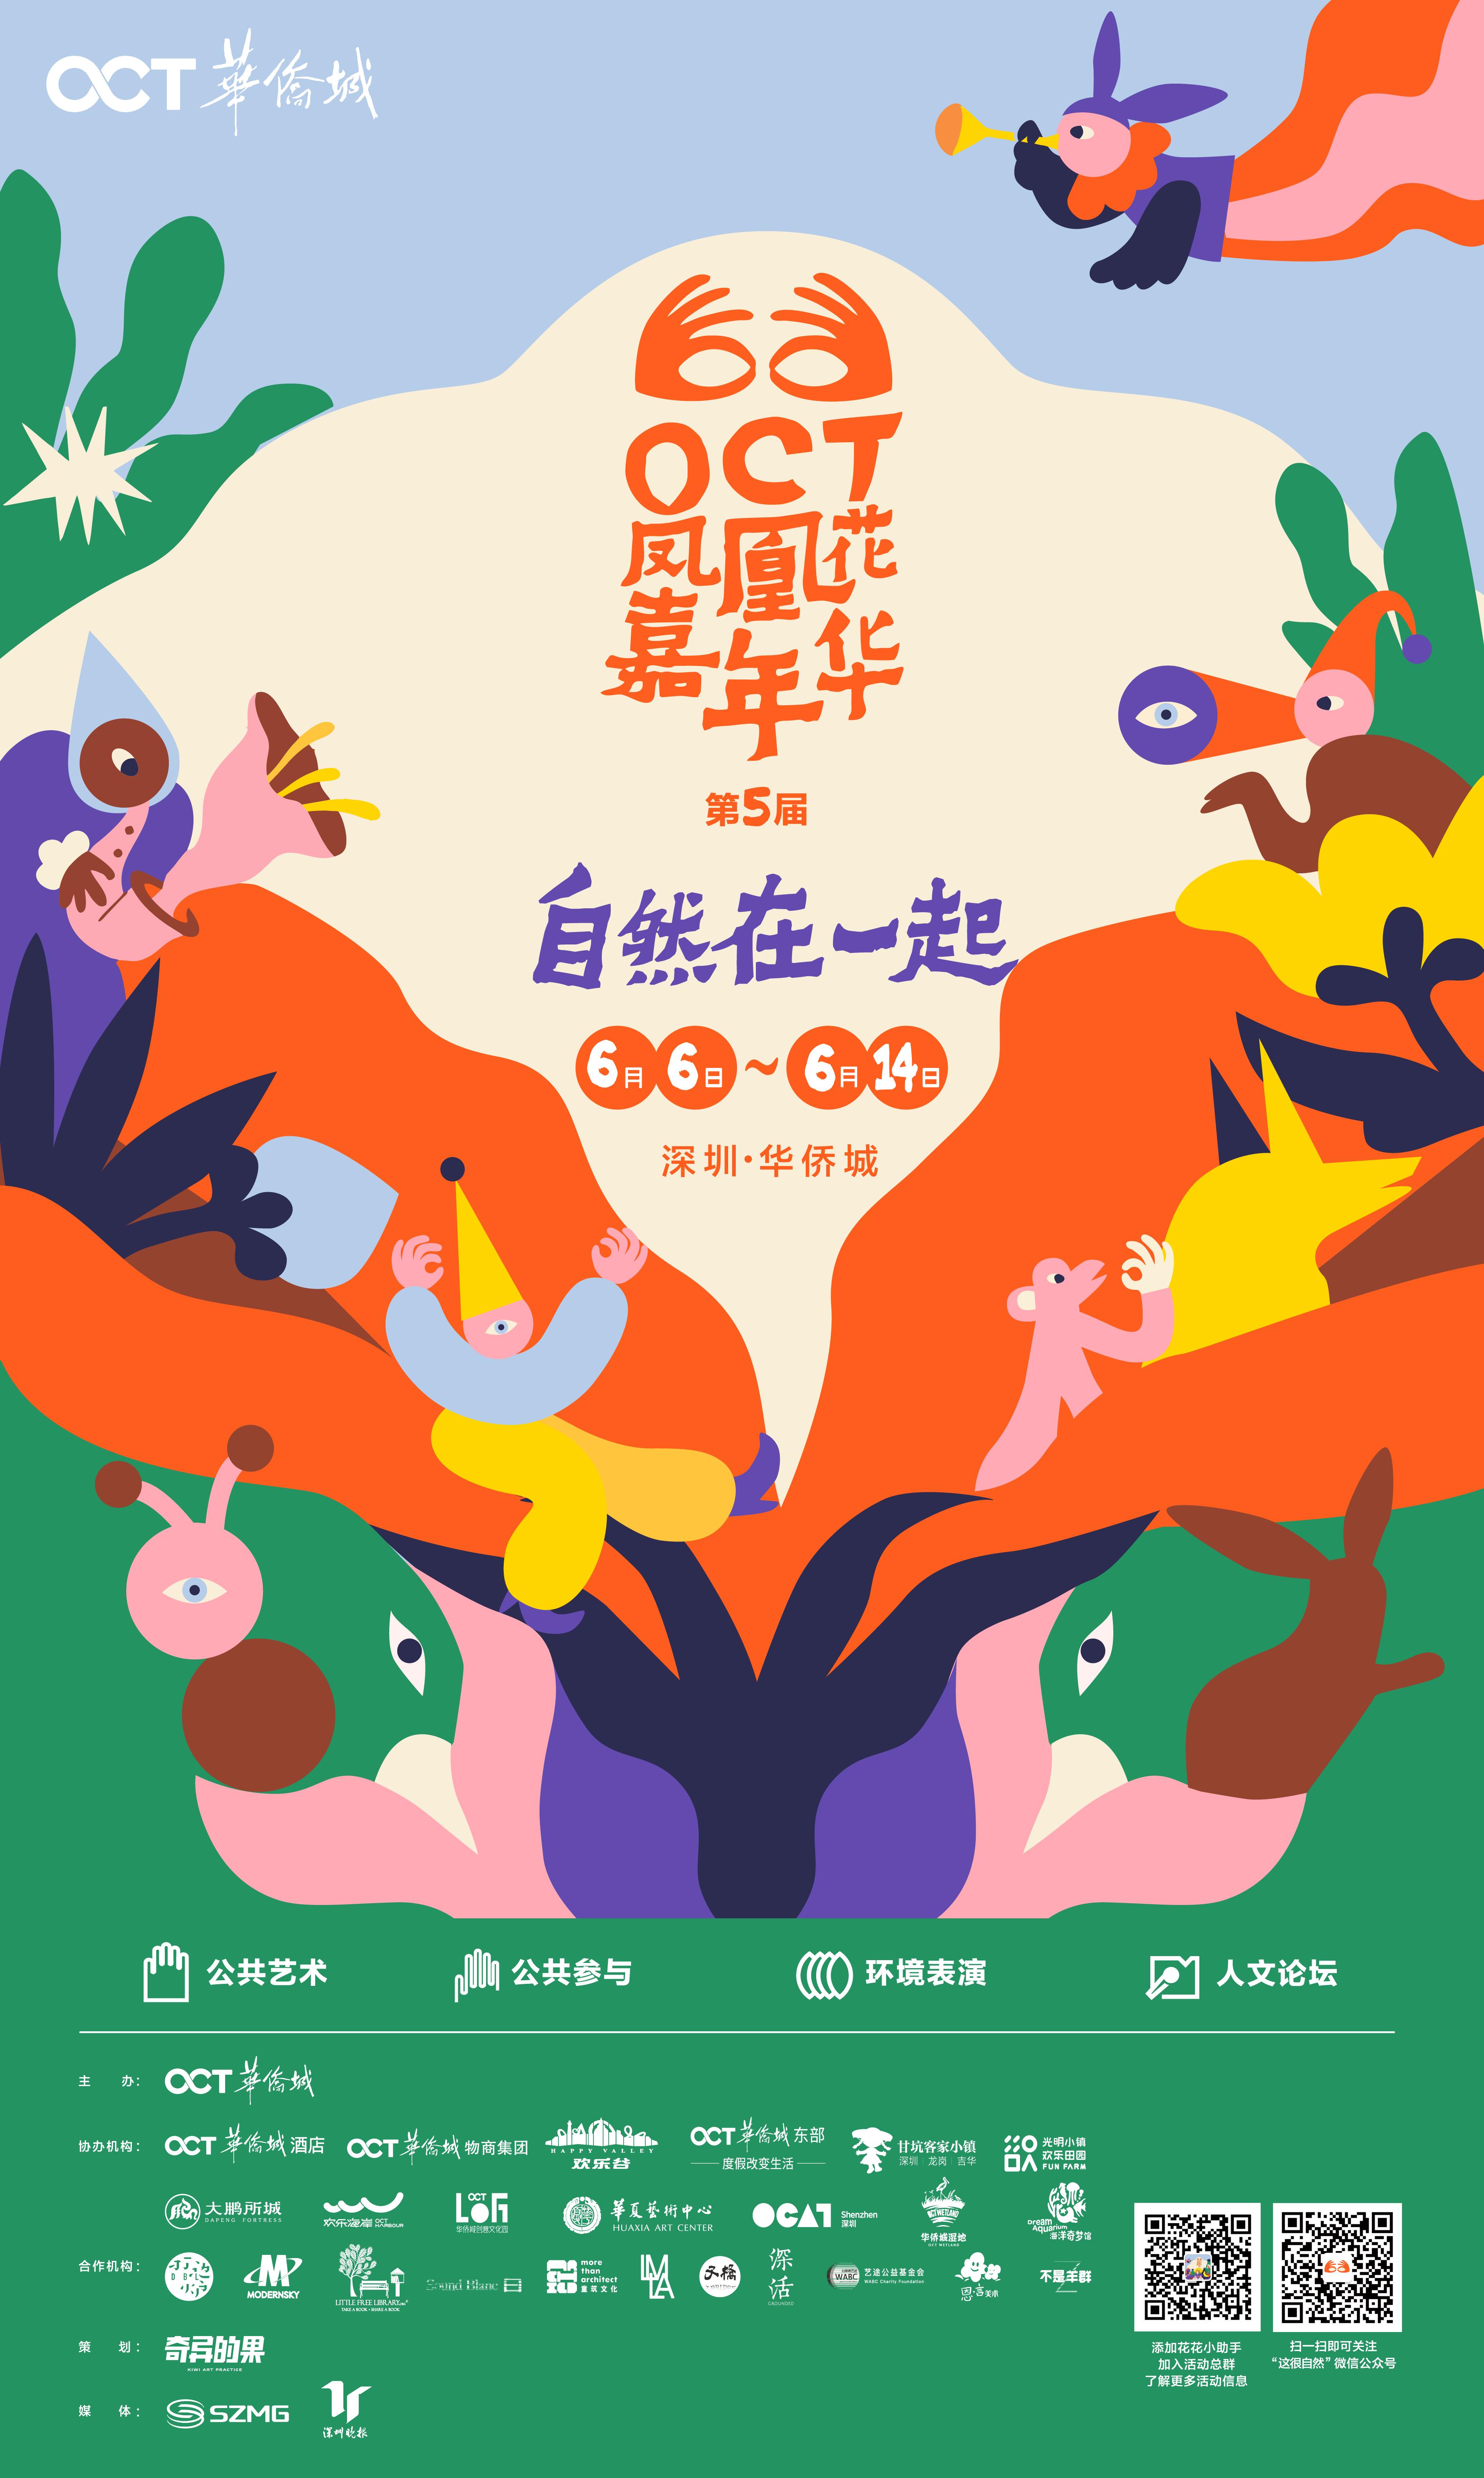 第五届OCT凤凰花嘉年华主海报正稿-01